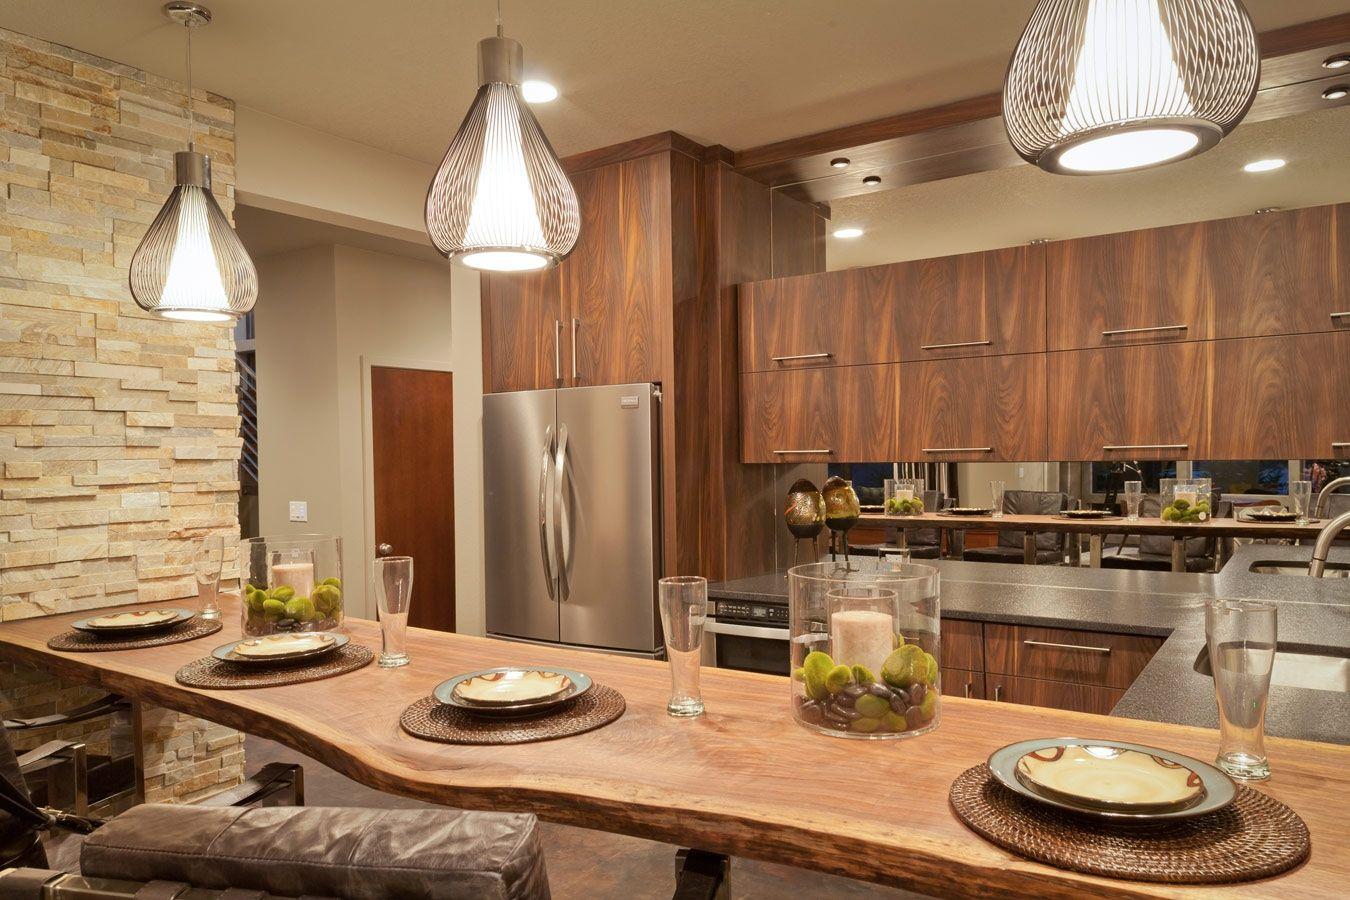 Keuken Design Ideeen : Landelijke keuken ontwerpen tips inspiratie durchgehend keuken